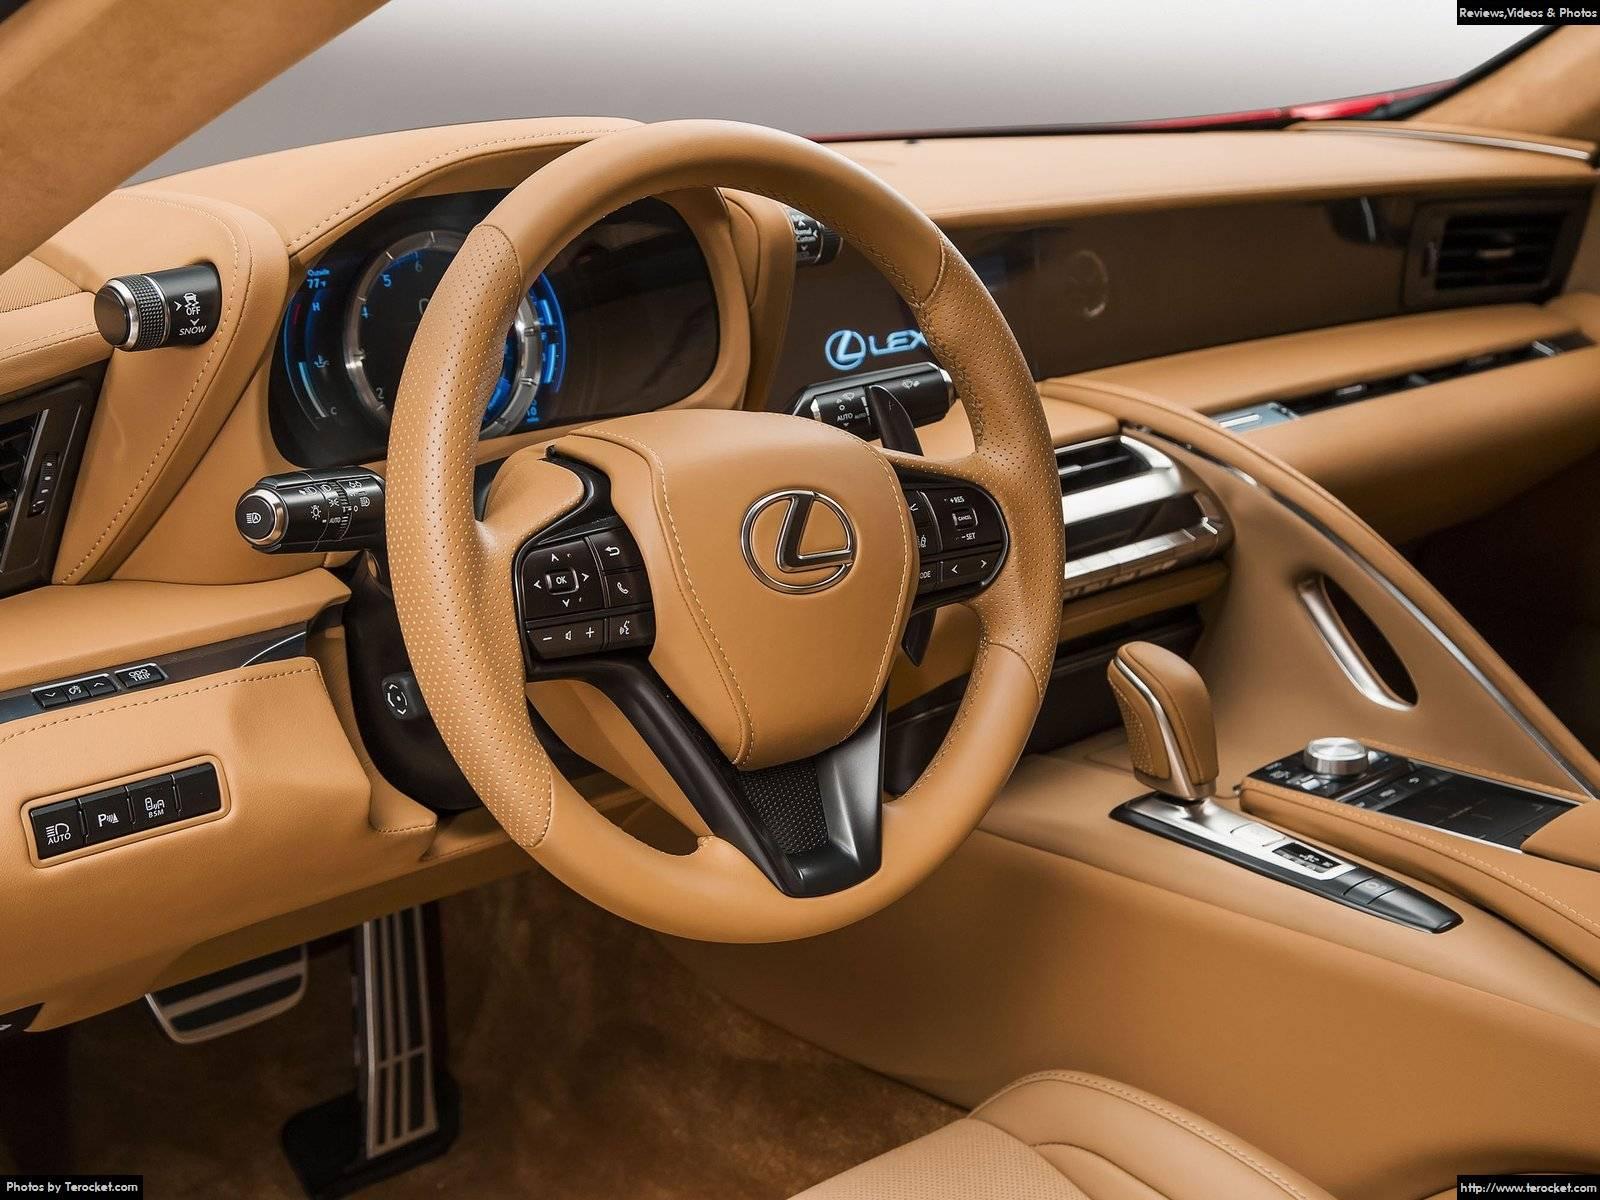 Hình ảnh xe ô tô Lexus LC 500 2017 & nội ngoại thất